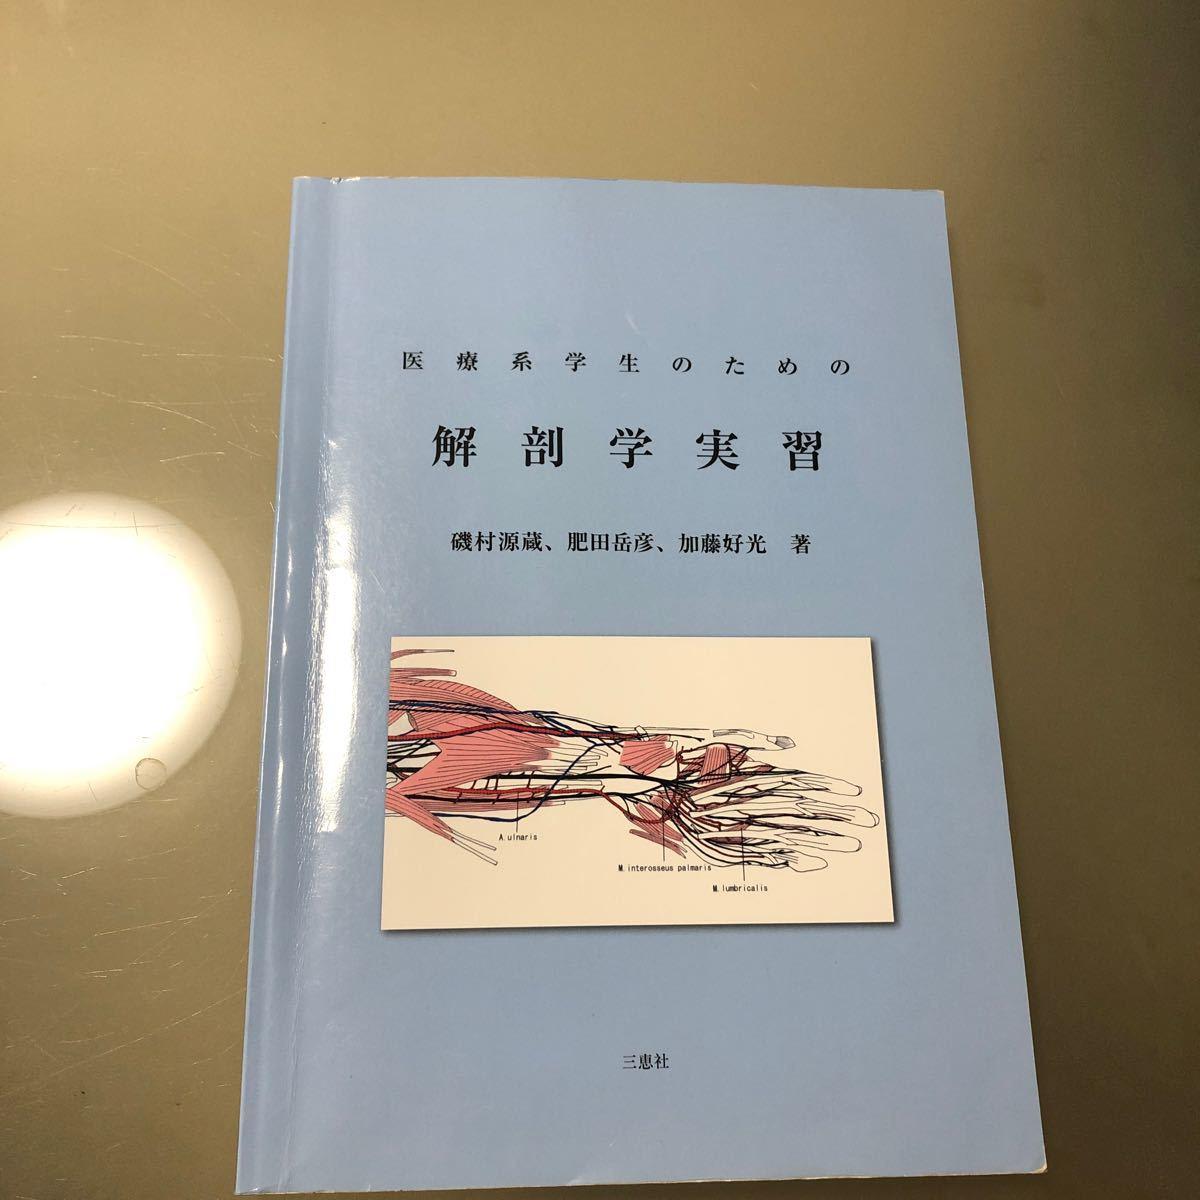 医療系学生のための解剖学実習 著 磯村源蔵、肥田岳彦、加藤好光